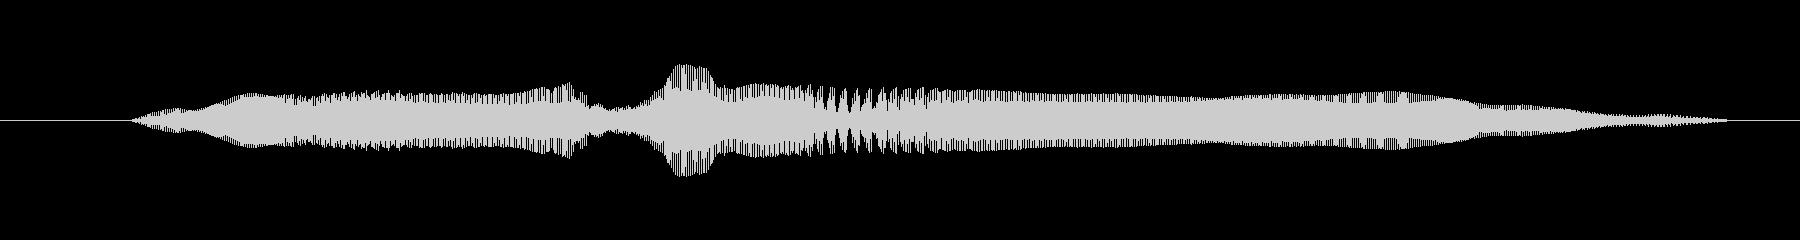 ドワーフ 応援W湖10の未再生の波形